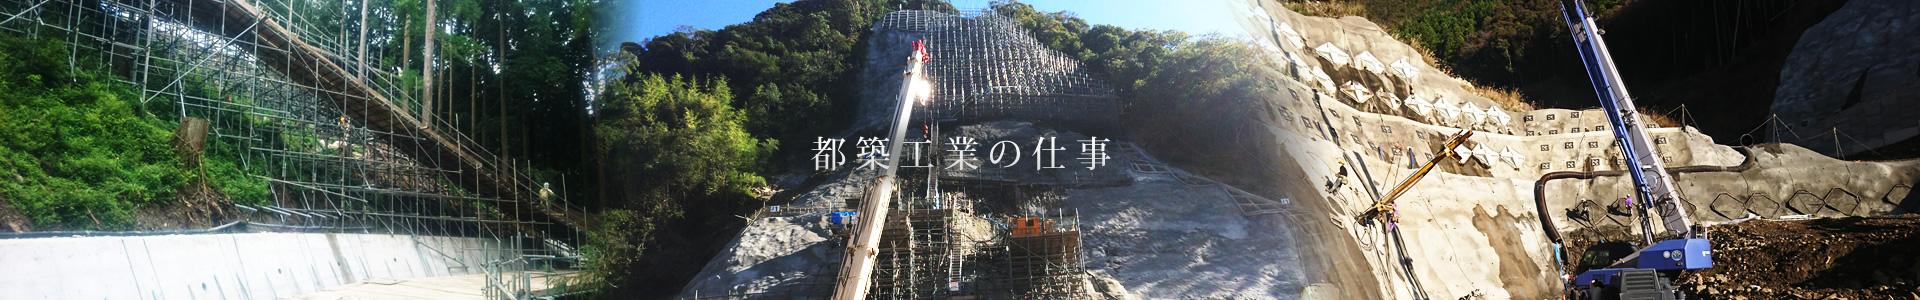 都築工業の仕事